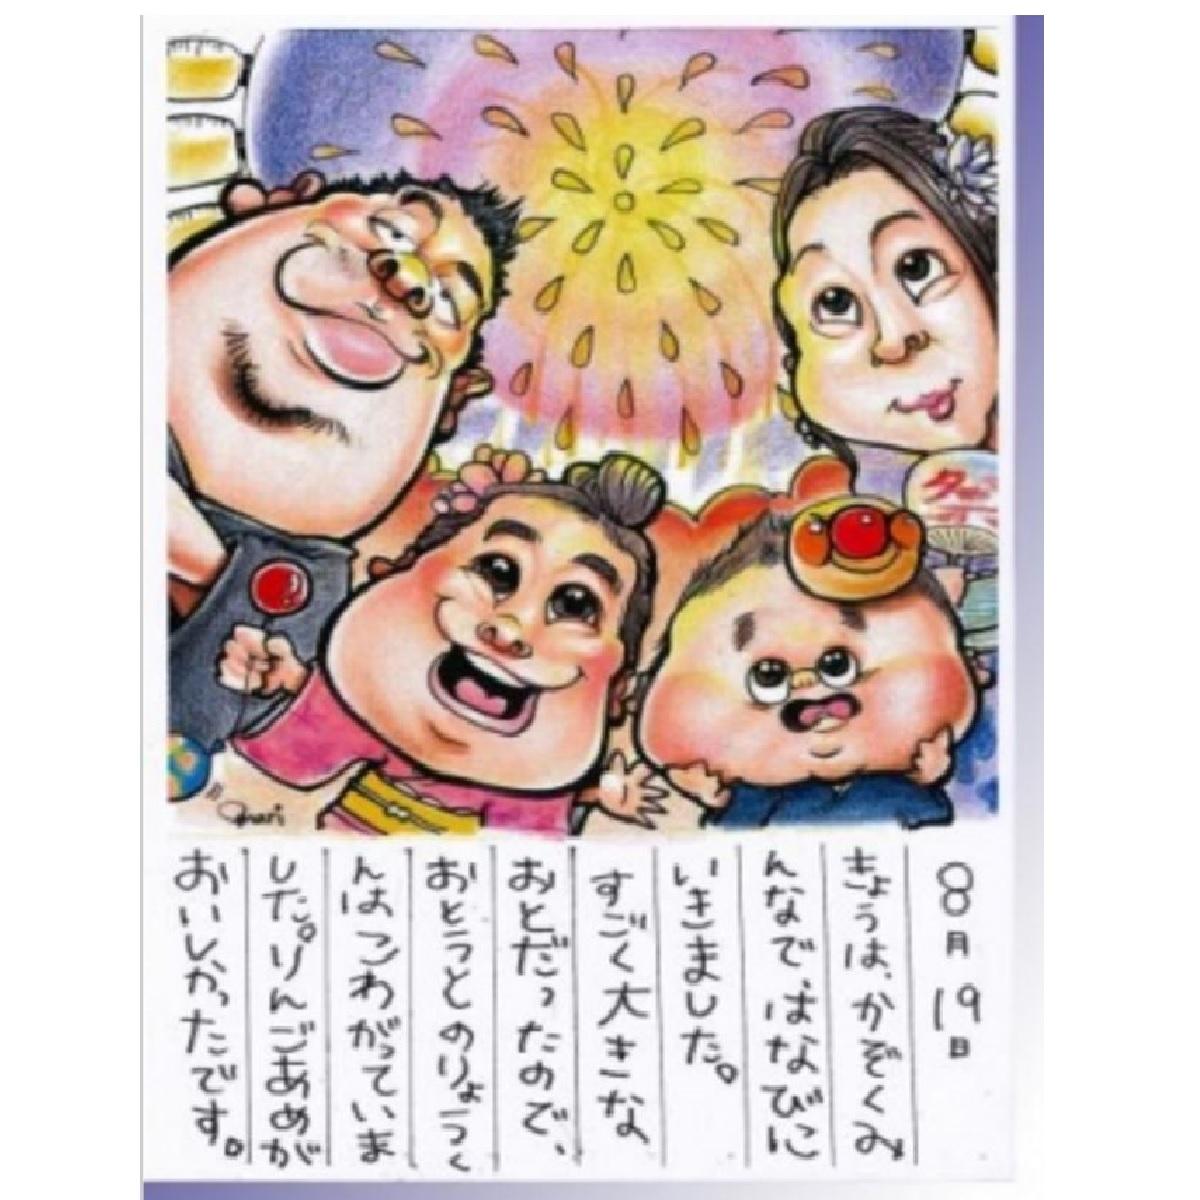 アーバンドックららぽーと豊洲10th 絵日記講座 1 豊洲マガジン